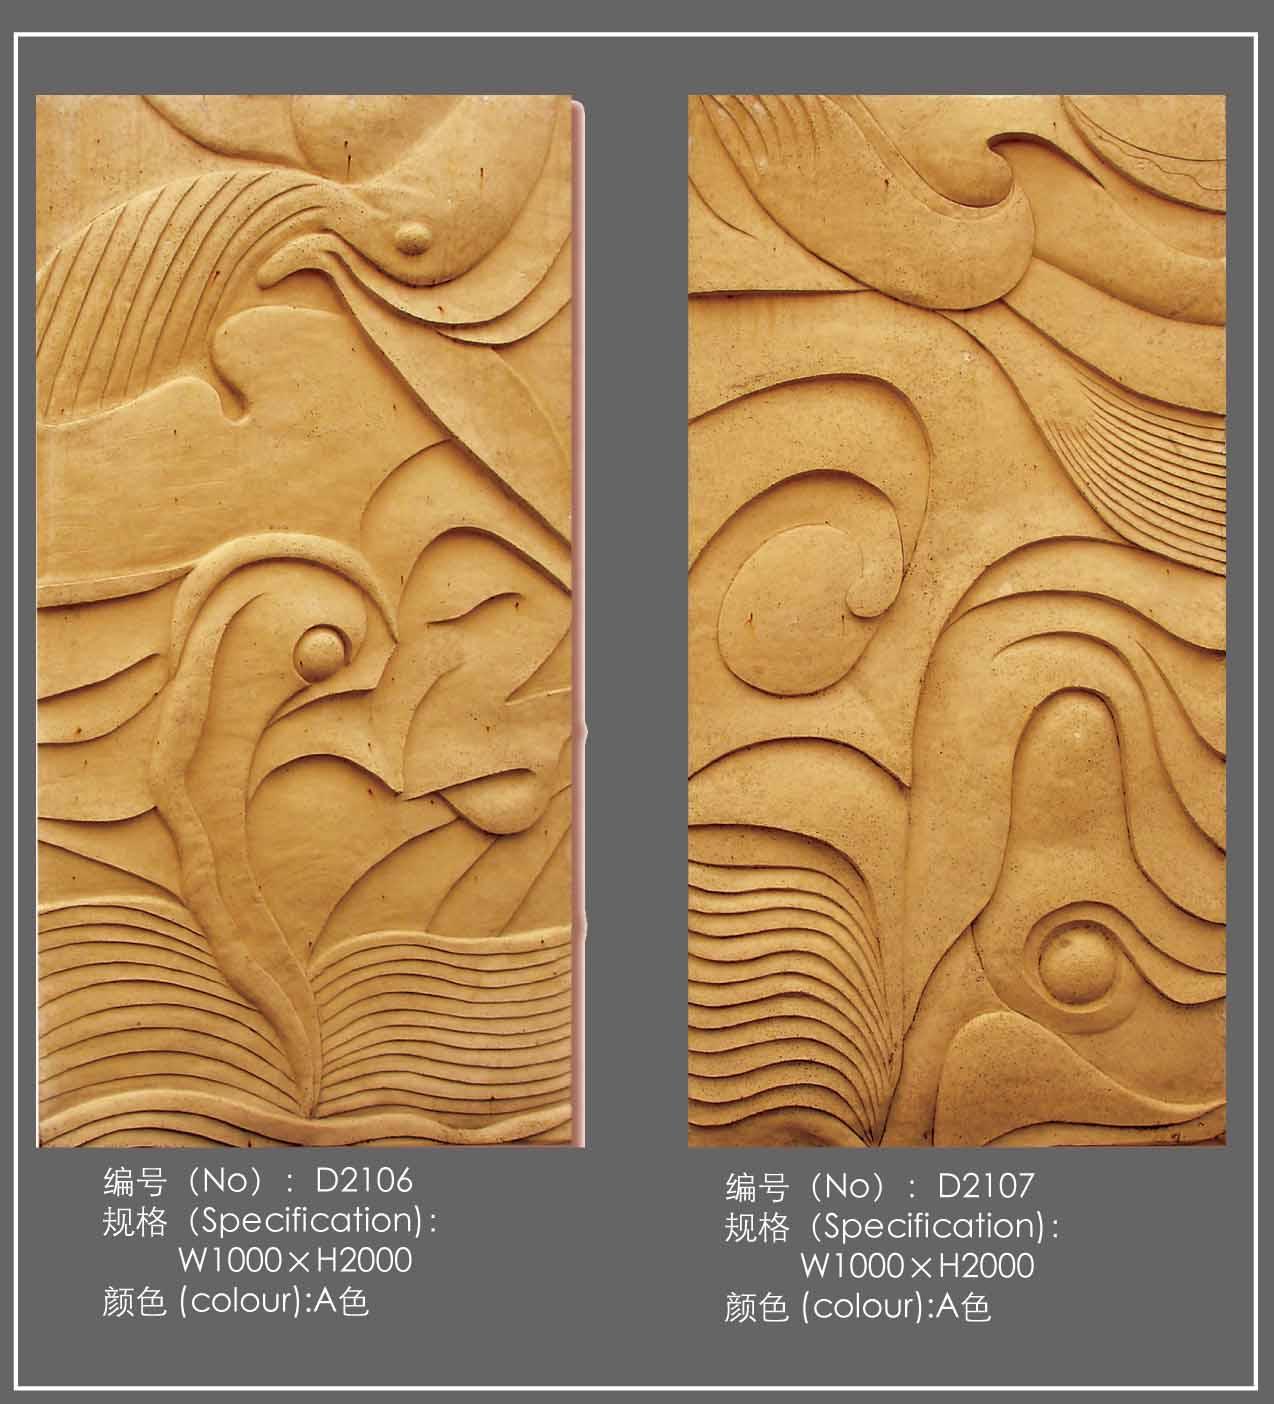 供应欧式雕塑公司1欧式浮雕壁画制作1北京砂岩雕塑公司人造砂岩